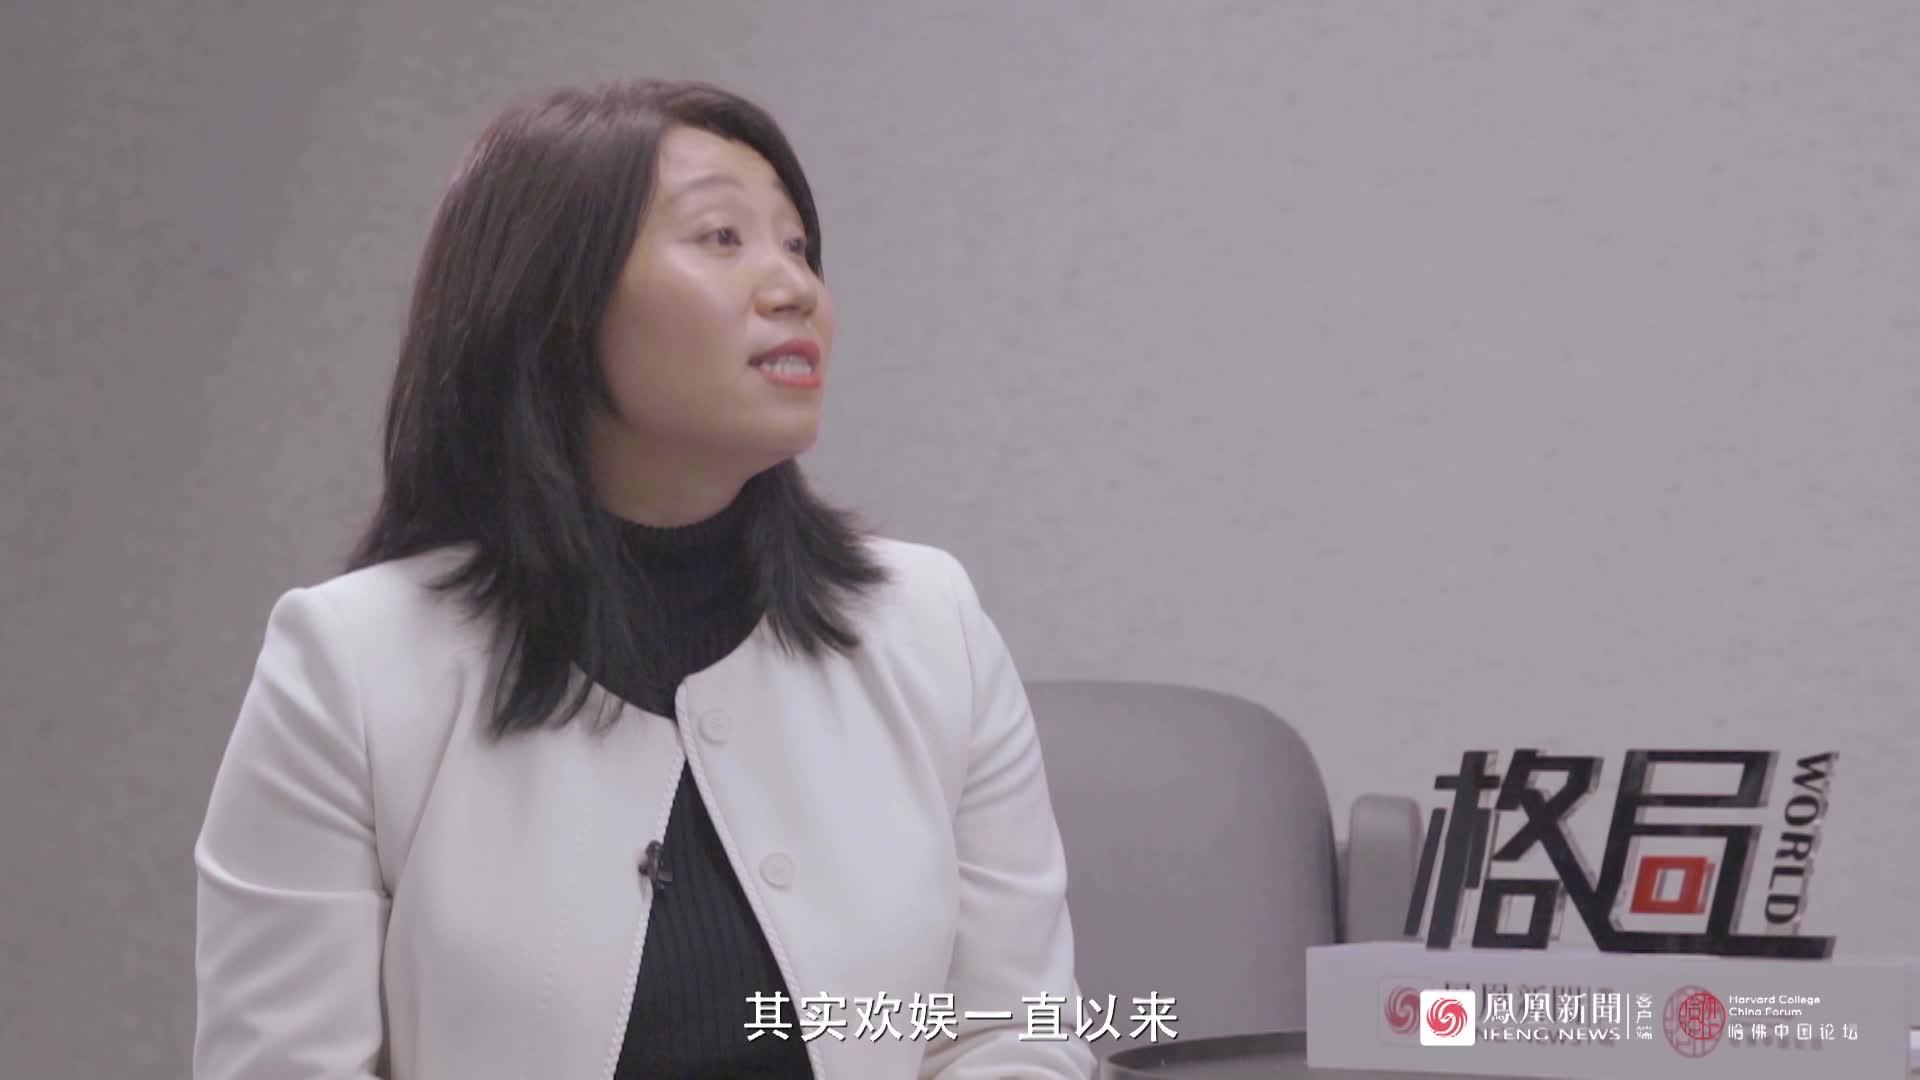 杨乐:不蹭流量,欢娱的每部剧都要培养新人